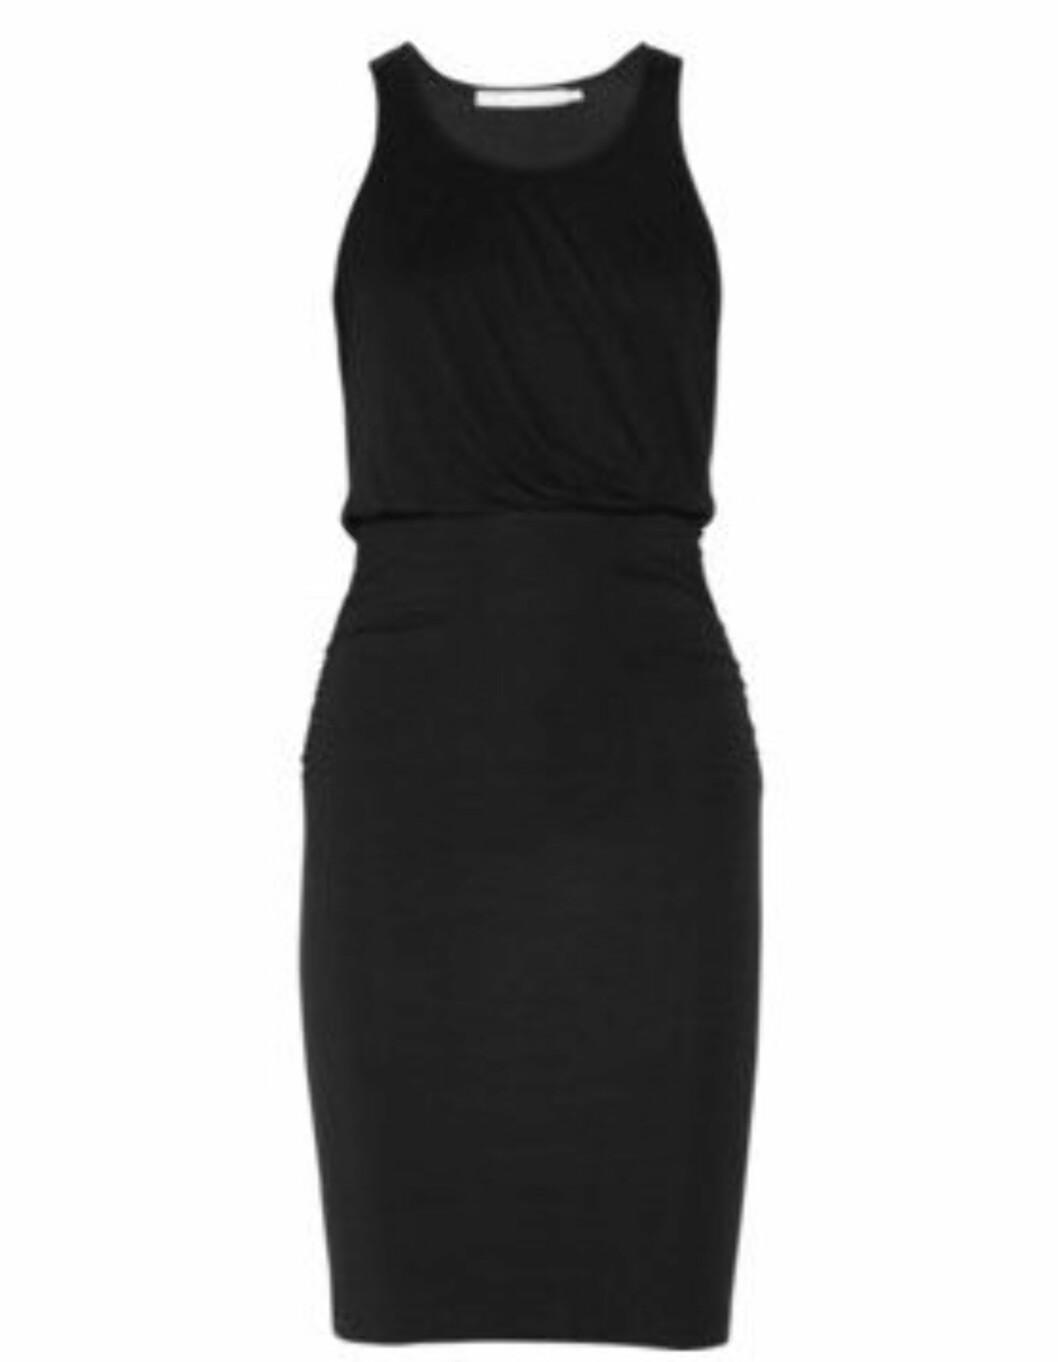 Svart kjole fra Kain (ca kr 990/netaporter.com). Foto: Produsent